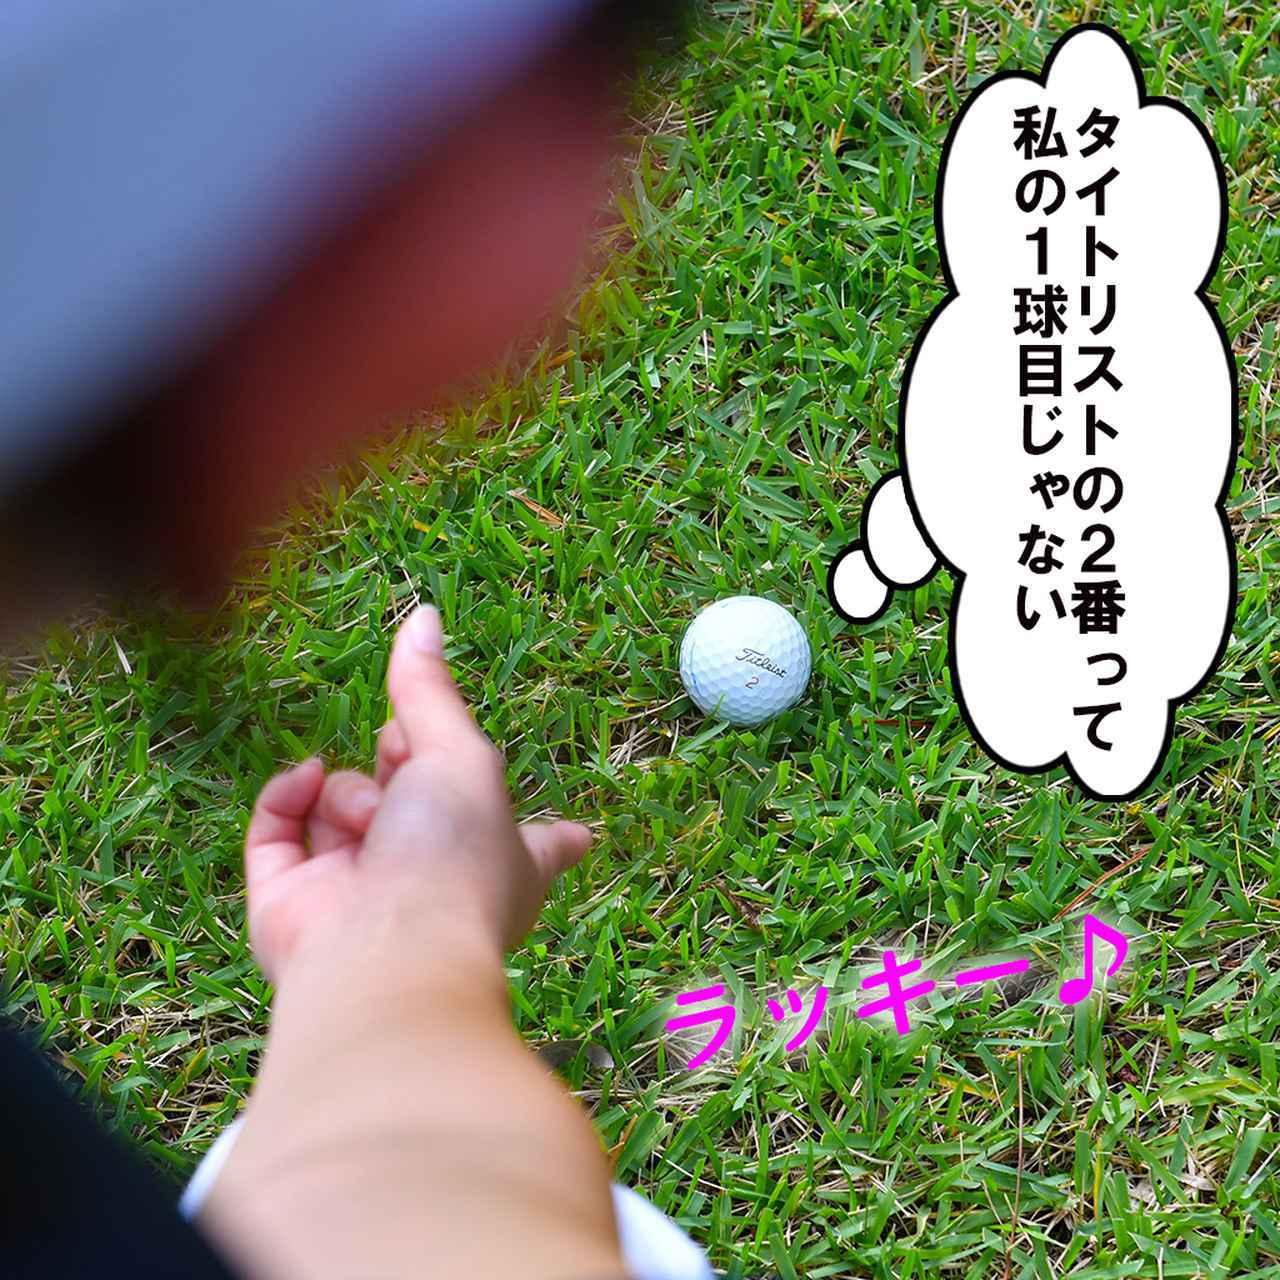 画像2: 【新ルール】同伴者の球を誤って拾い上げた。こんなときどうする?